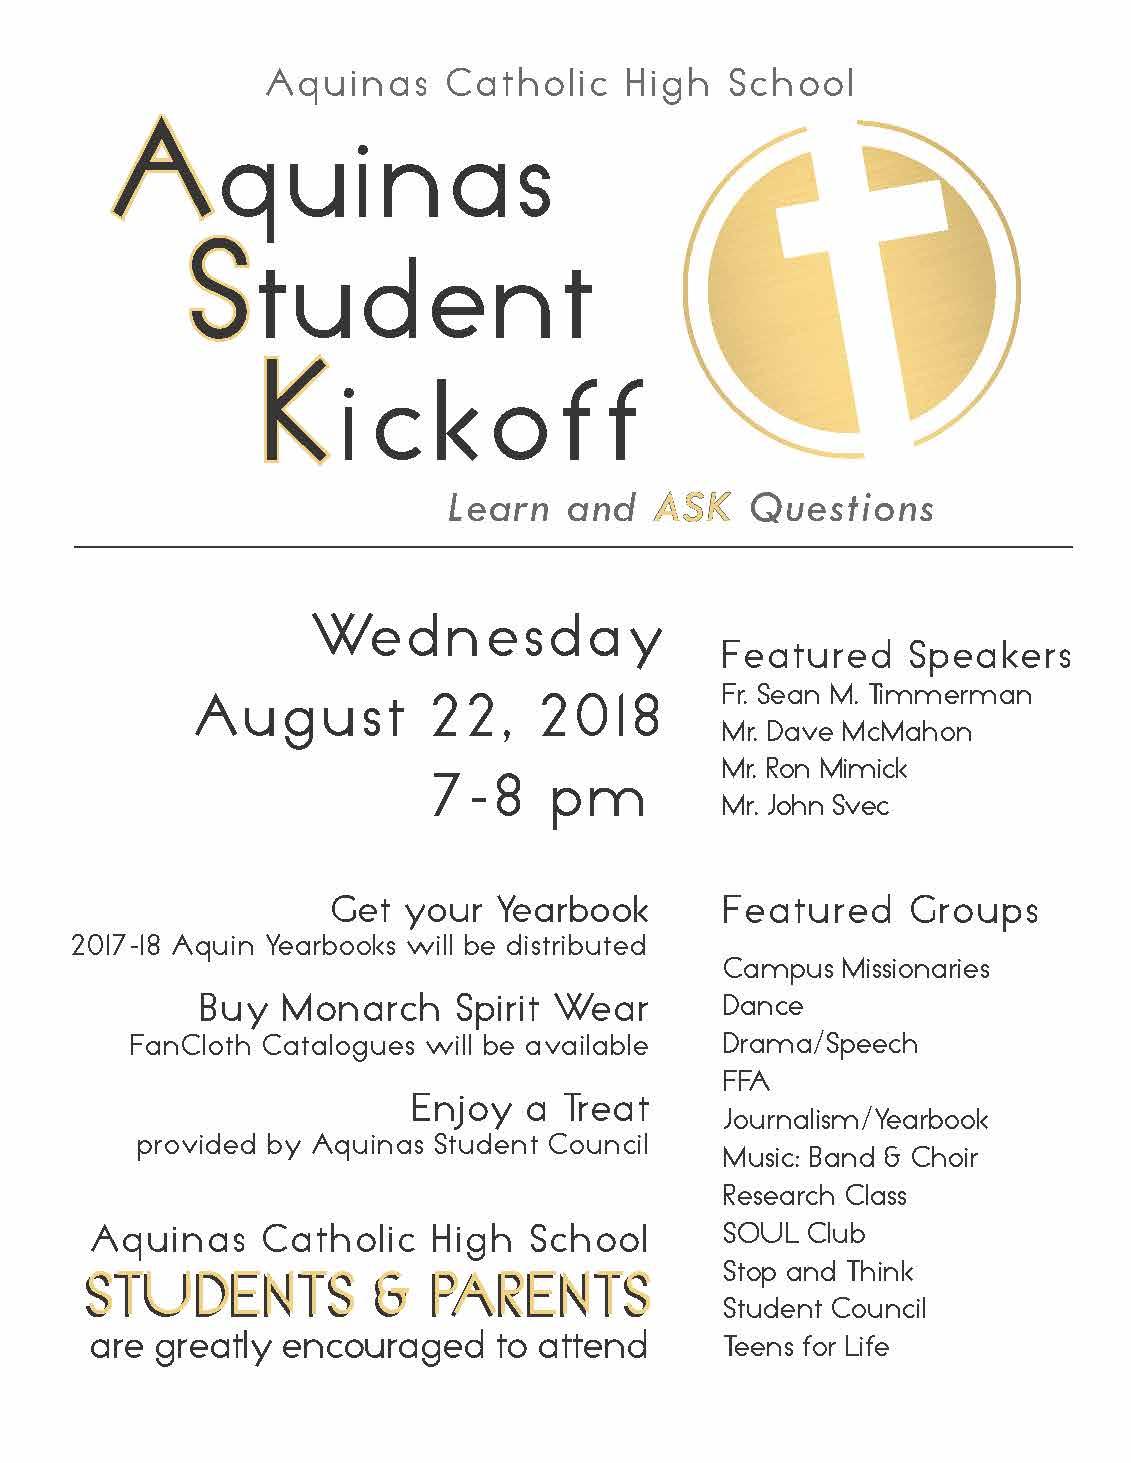 Aquinas Student Kickoff